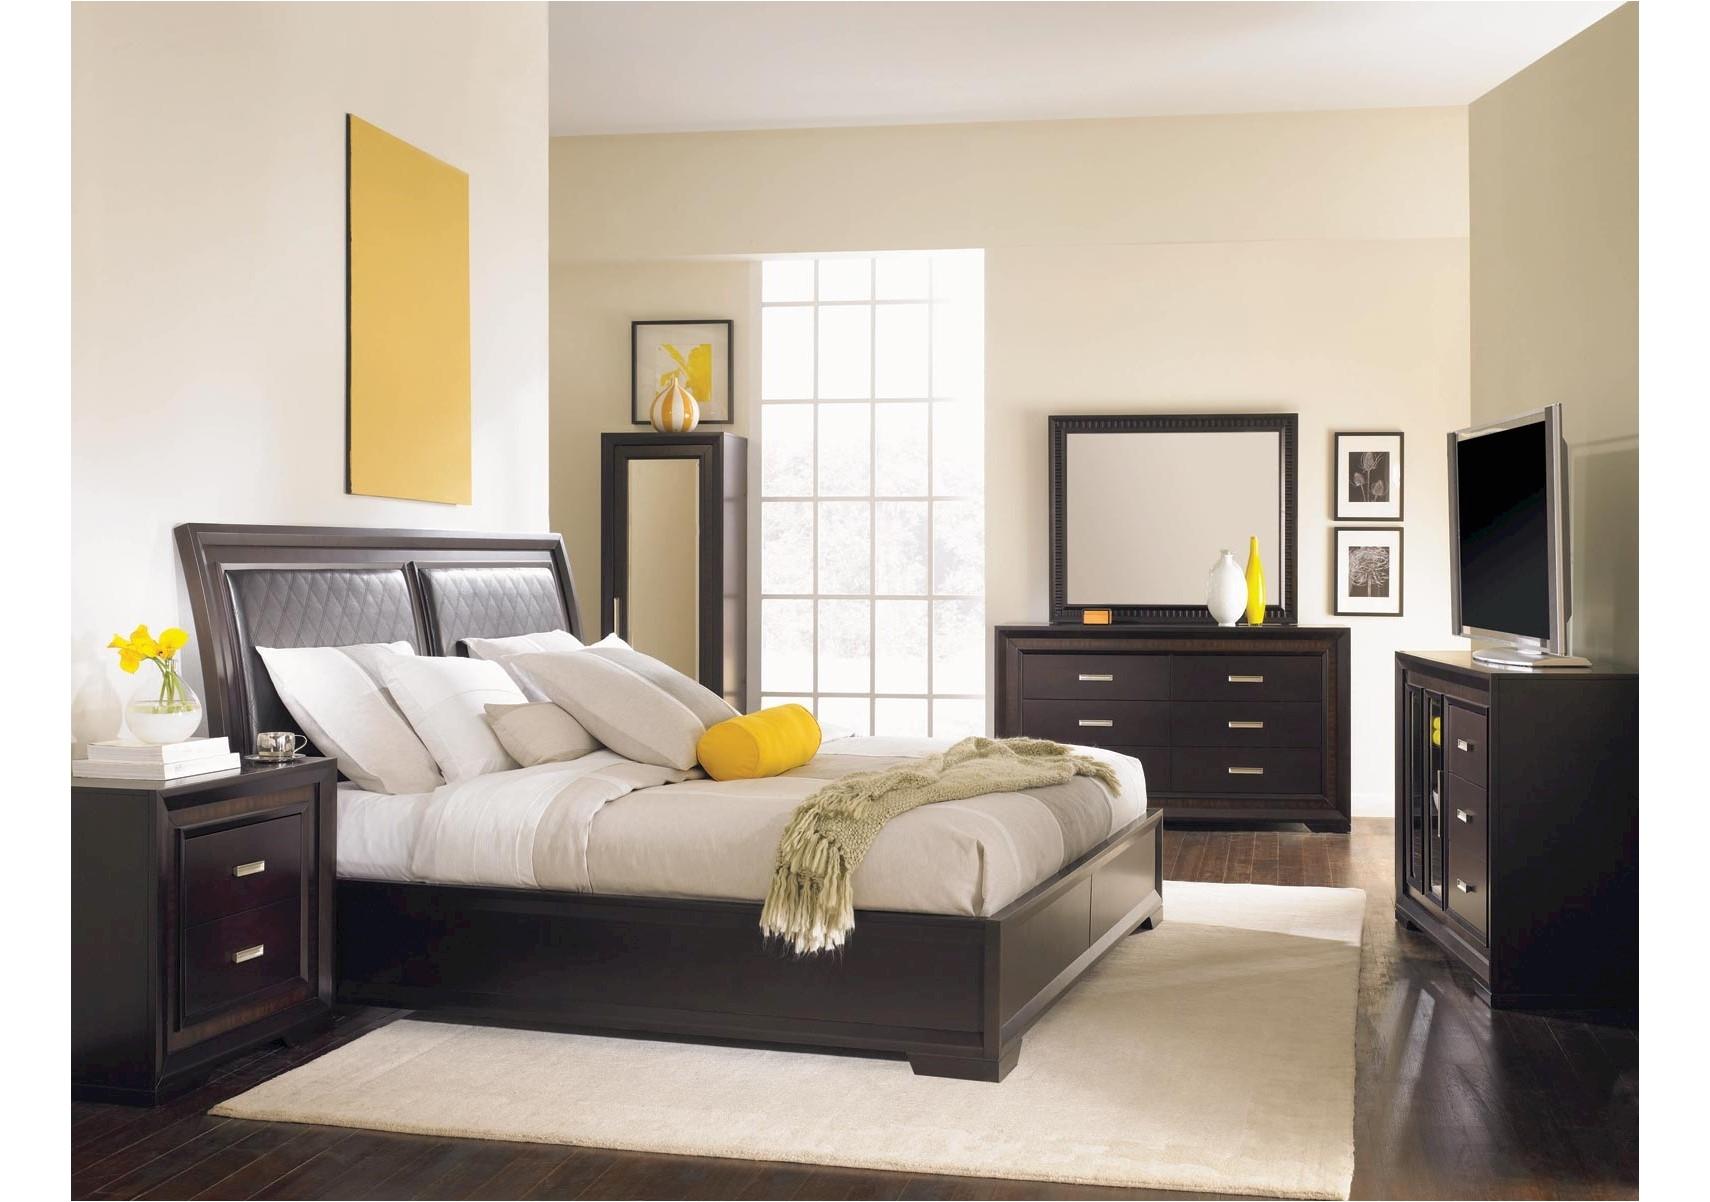 brentwood 4 pc queen bedroom set